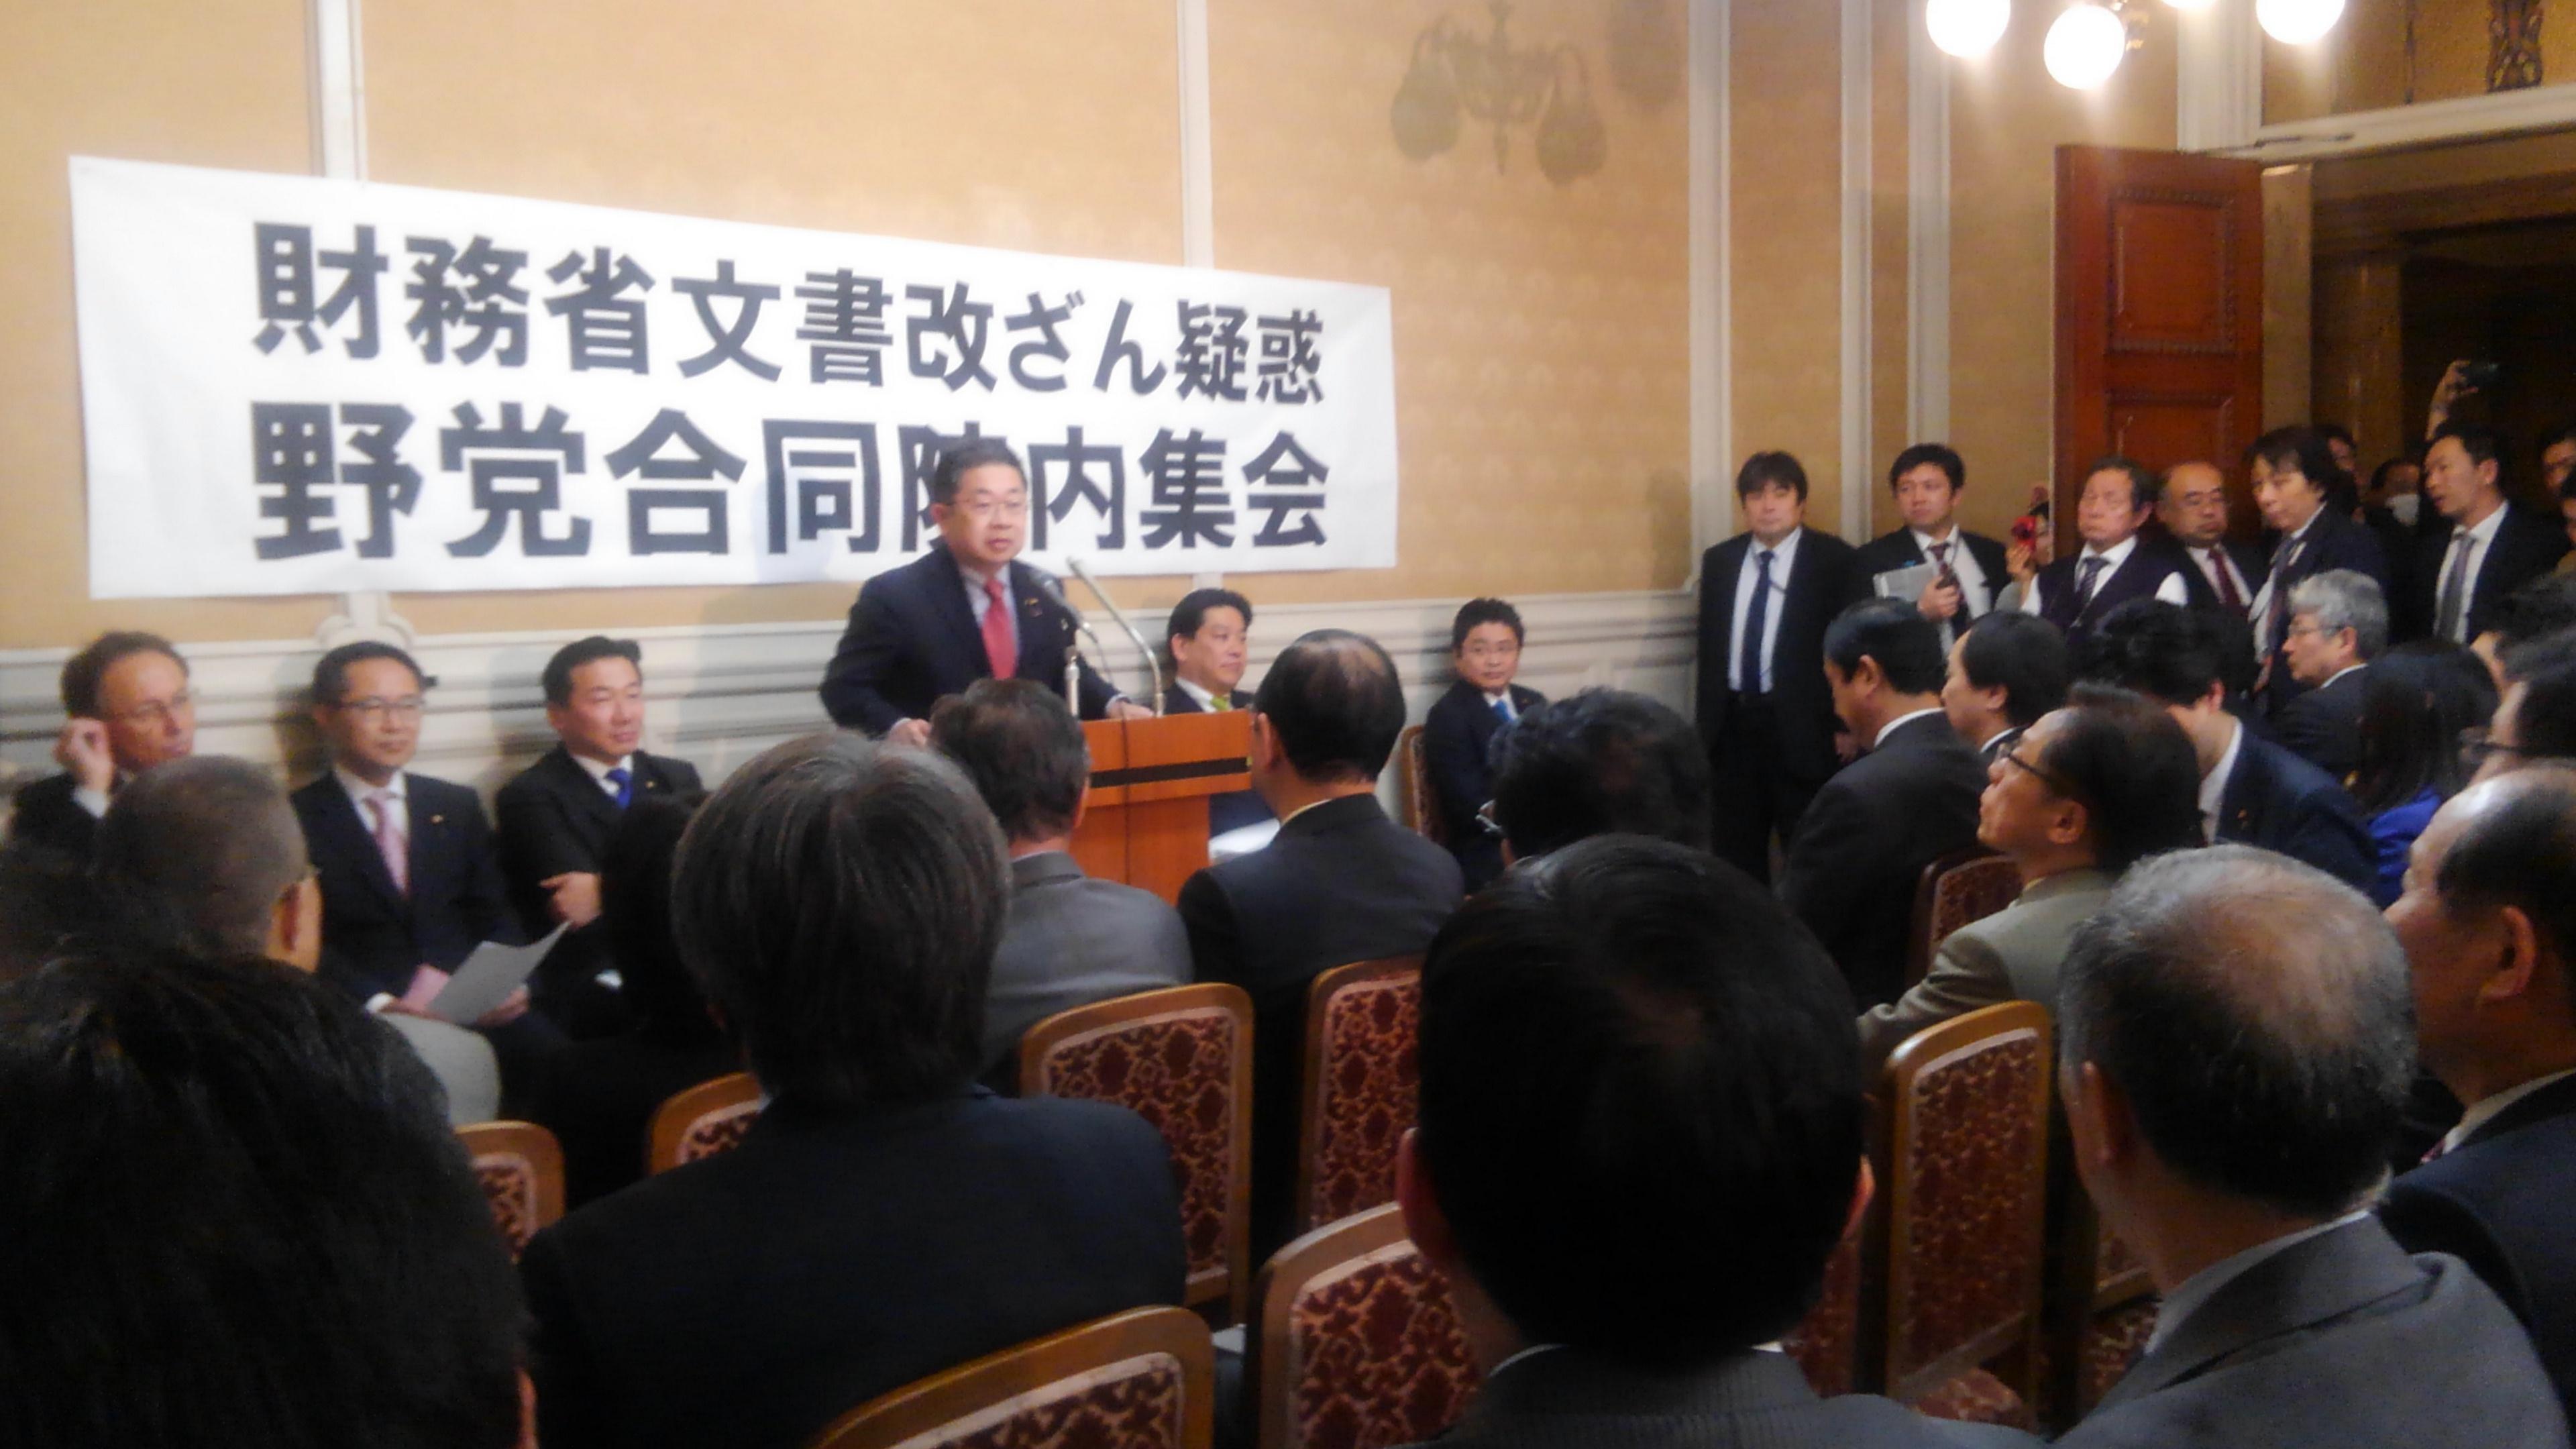 http://www.inoue-satoshi.com/diary/KIMG7831.JPG